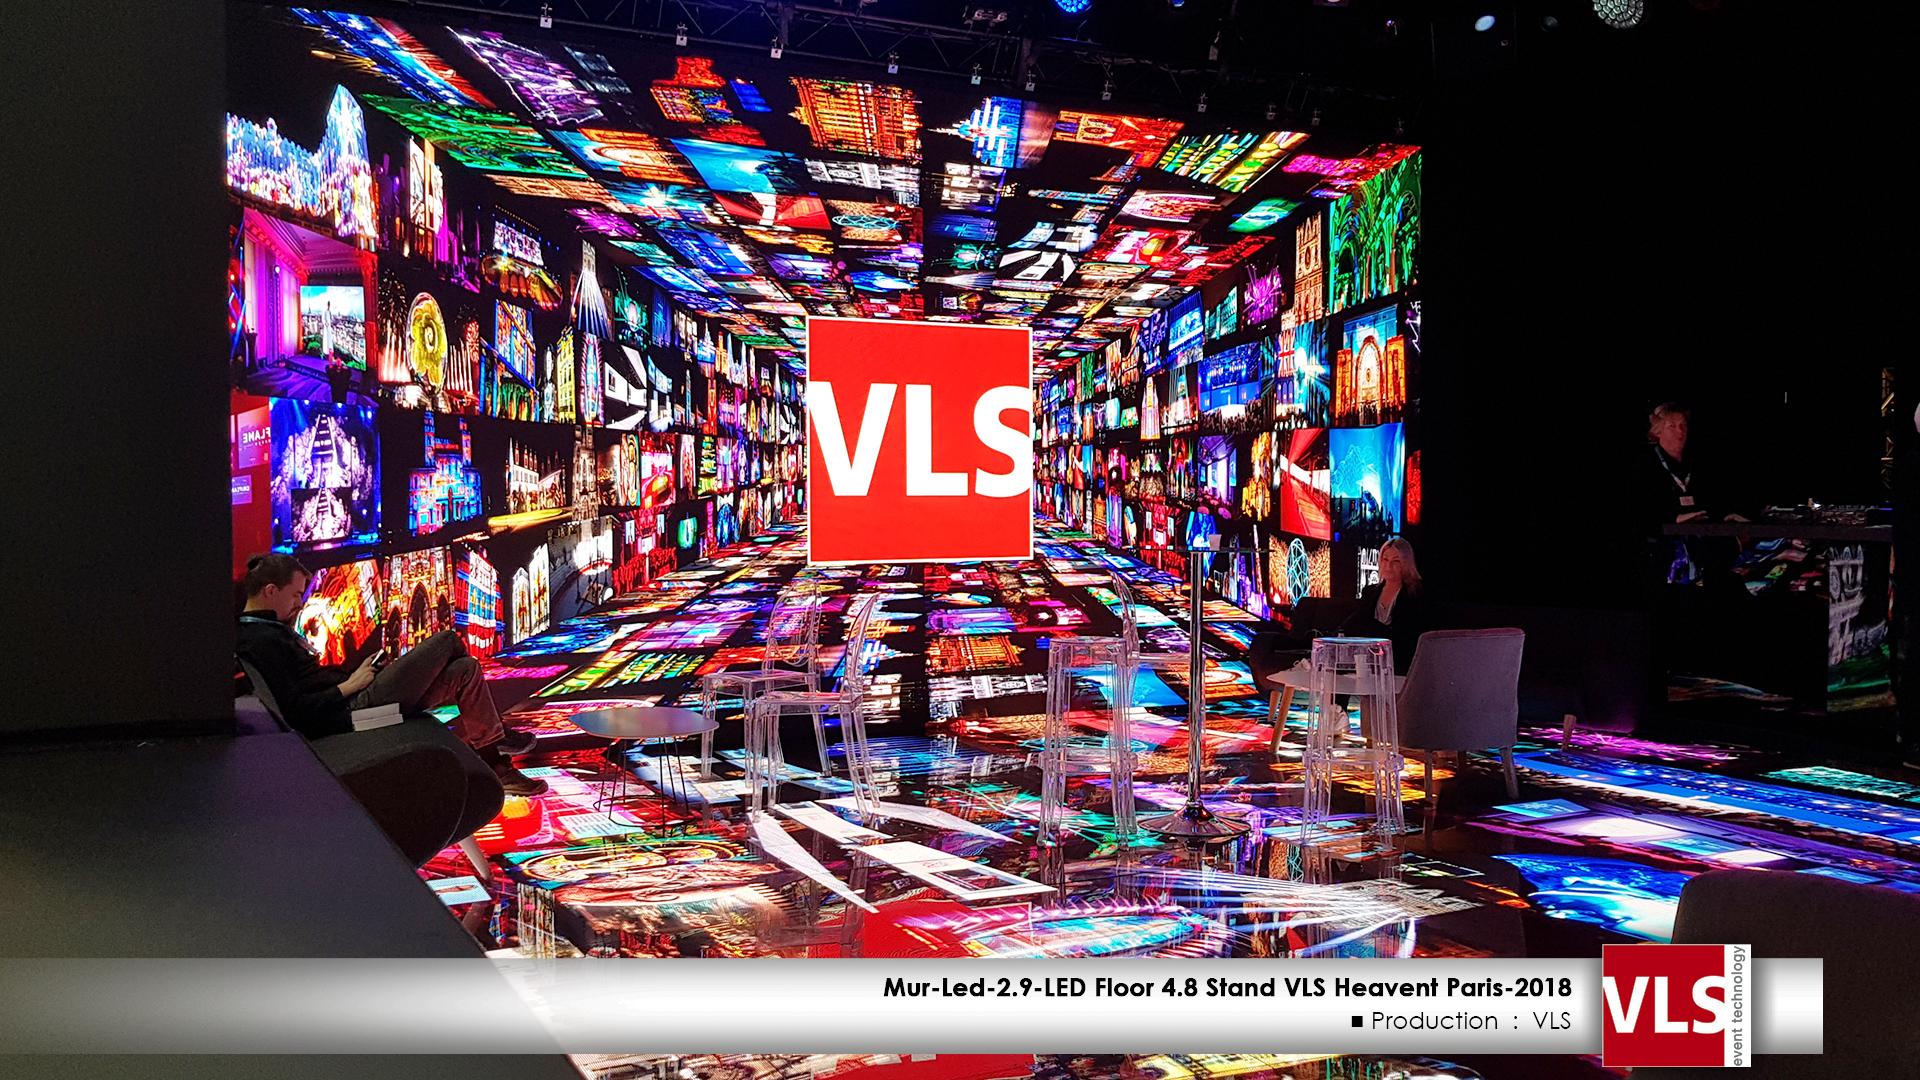 scéno immersive VLS en LED